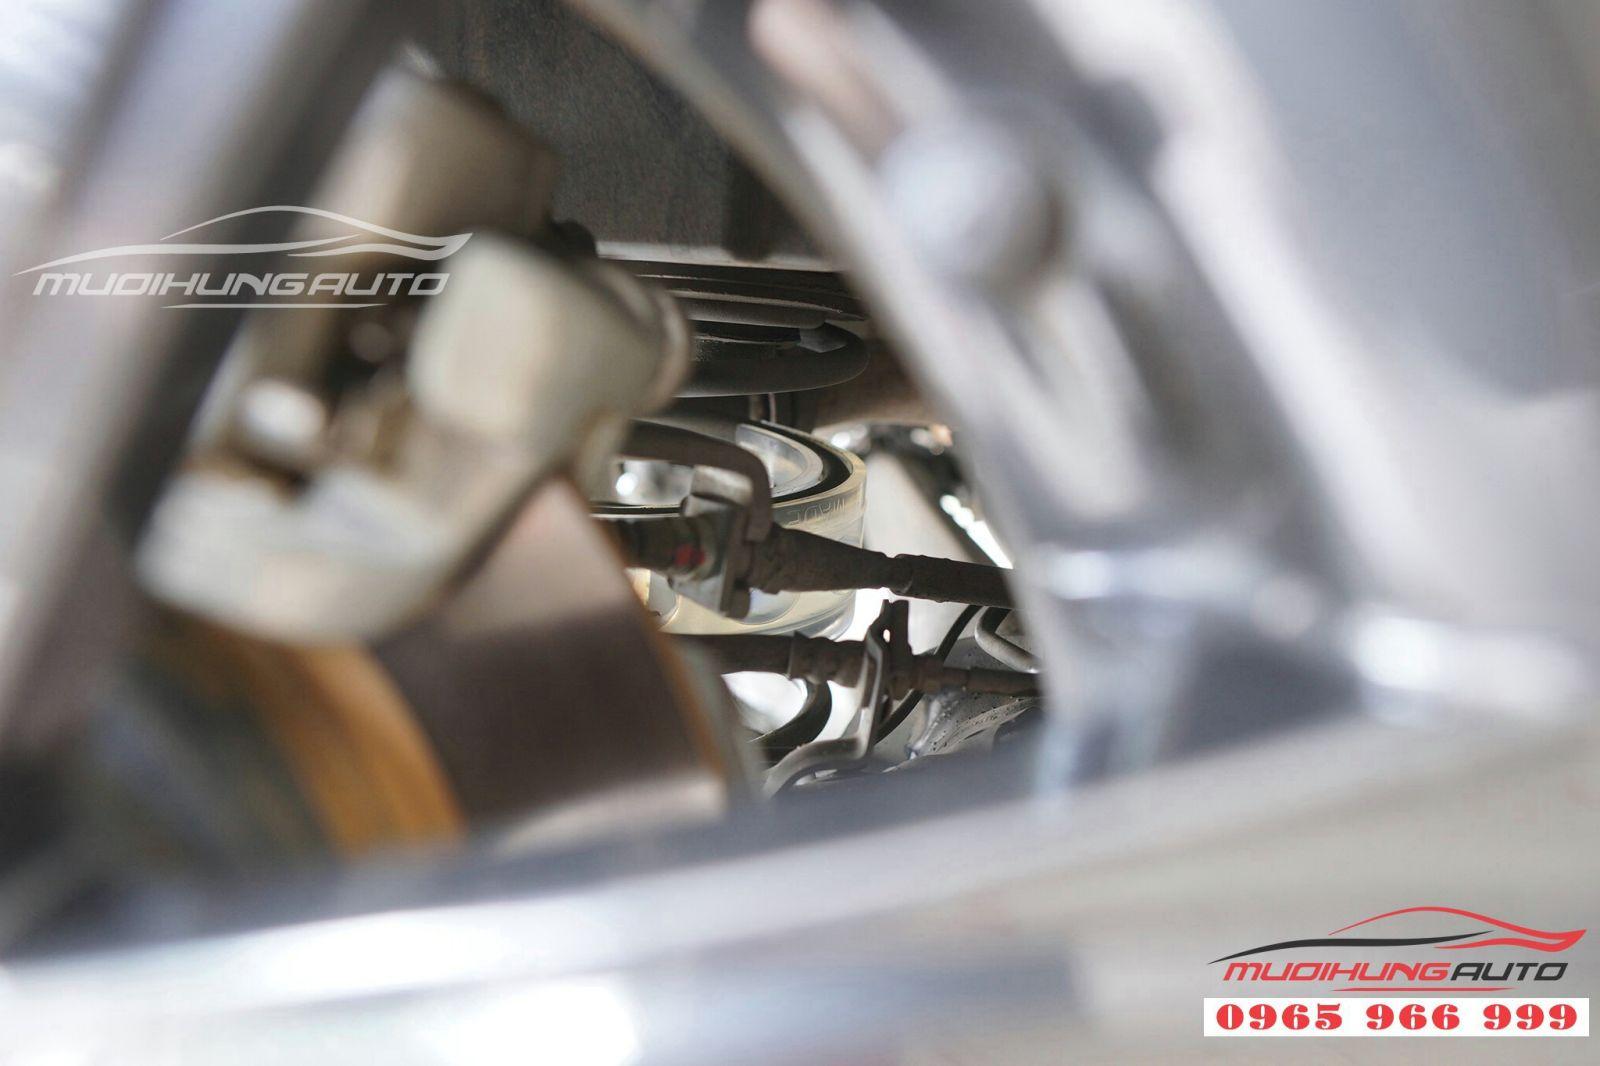 Phuộc giảm chấn TTC chính hãng cho Suzuki Swift 06